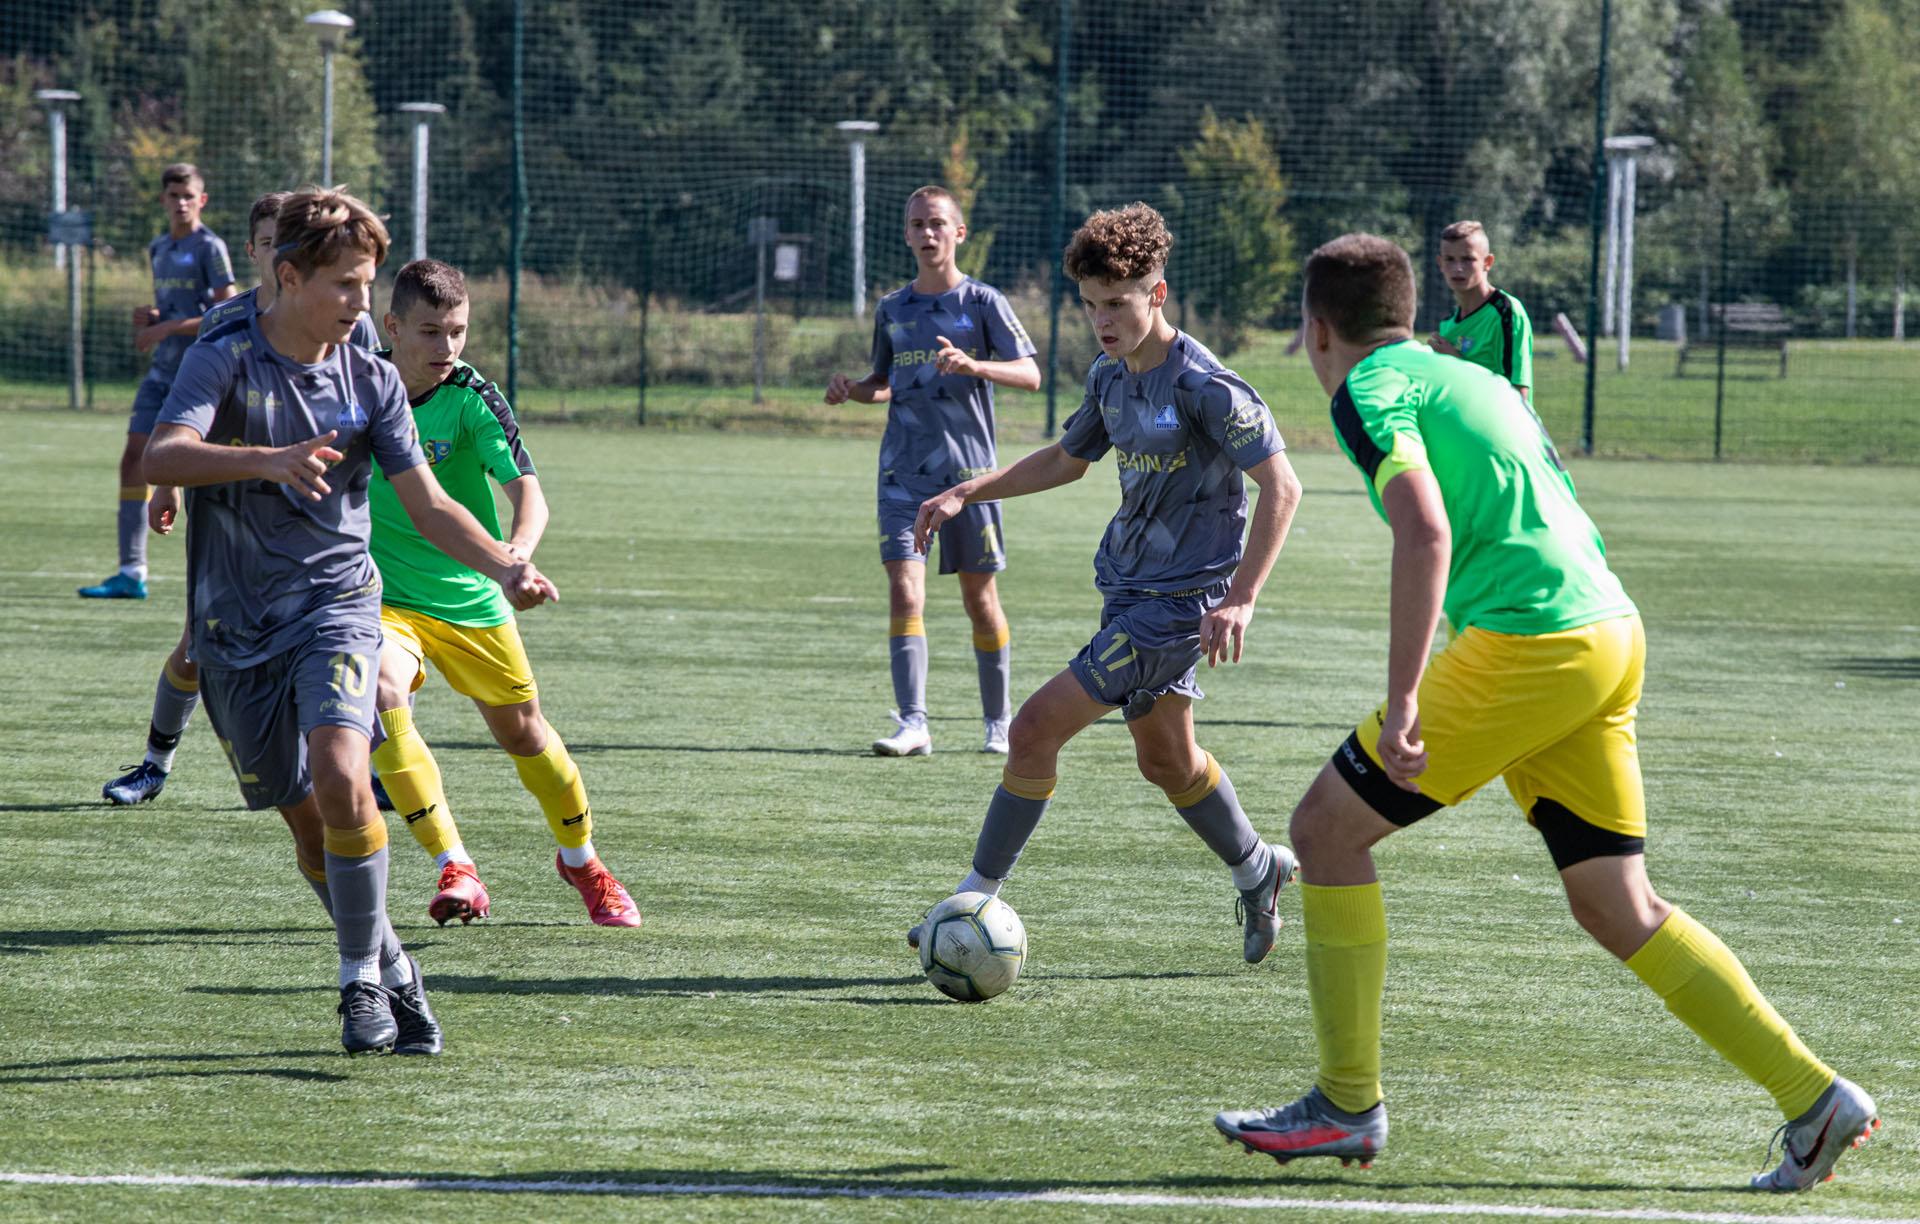 Stal Rzeszów U17 A (2004) vs Siarka Tarnobrzeg S.A U17